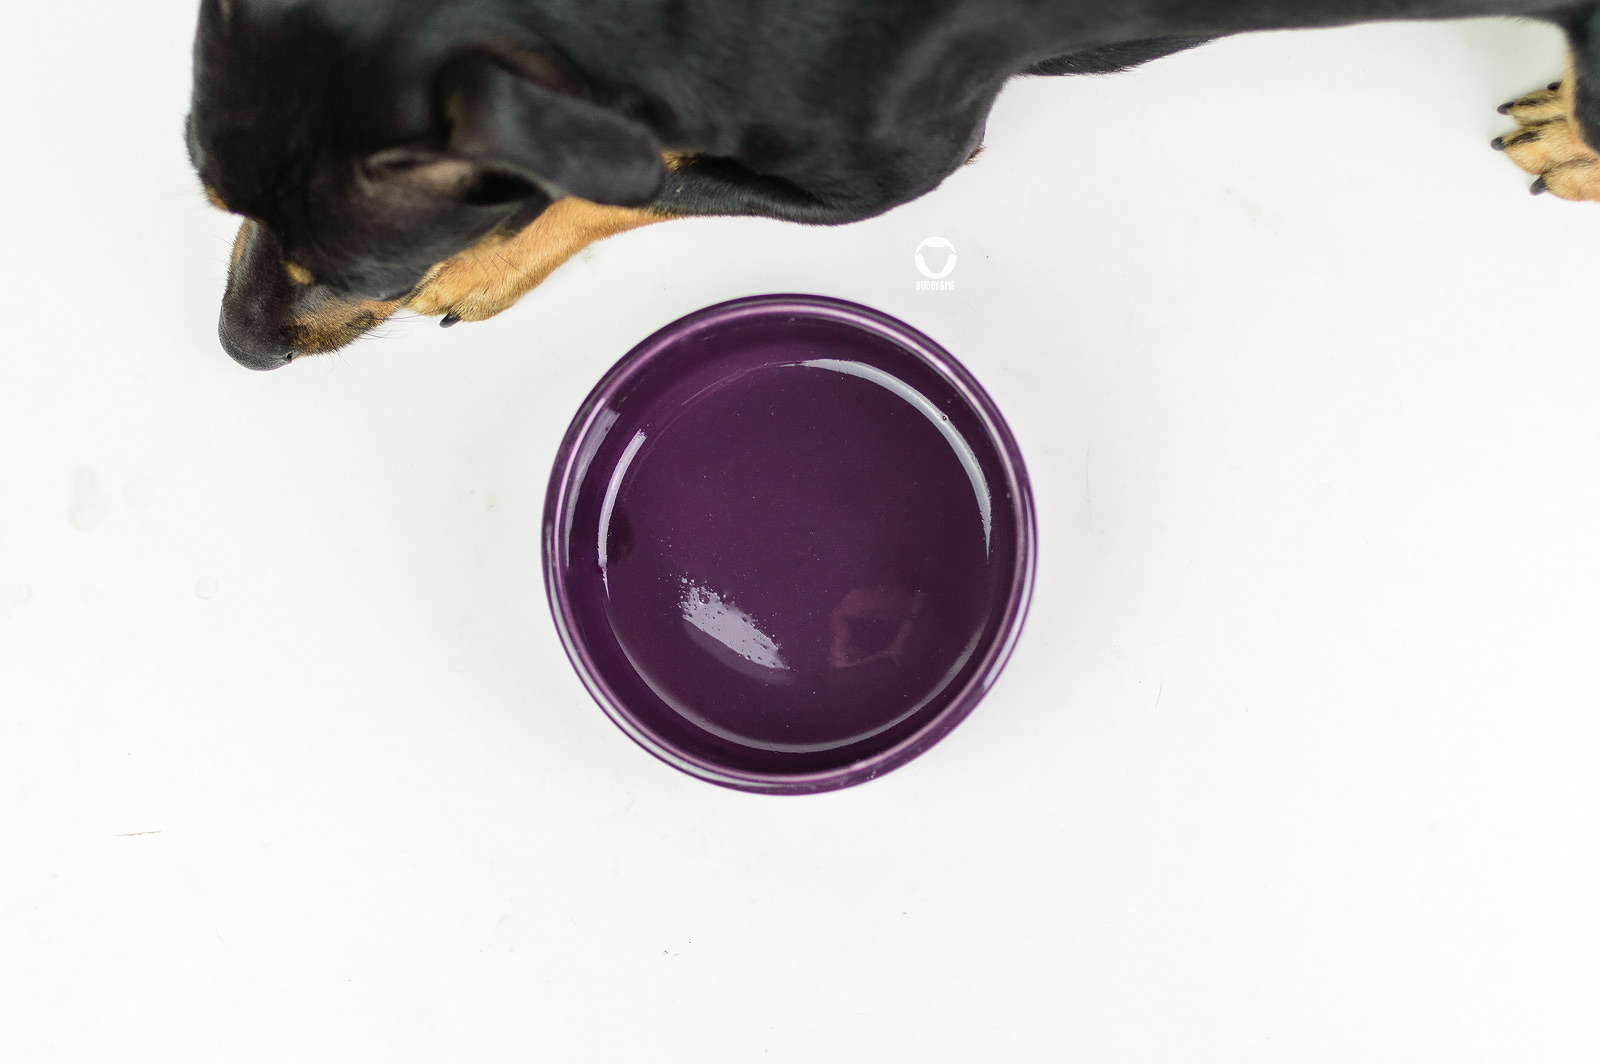 Pinscher Buddy, Buddy and Me, Hundeblog, Dogblog, Ruhrgebiet, Futter, Barf, Barfen, Rohfütterung, Obst-Gemüse, Ballaststoffe, Flohsamenschalen, weicher Kot, Output, Häufchen, Barfplan, Futterplan, Ernährungsberatung